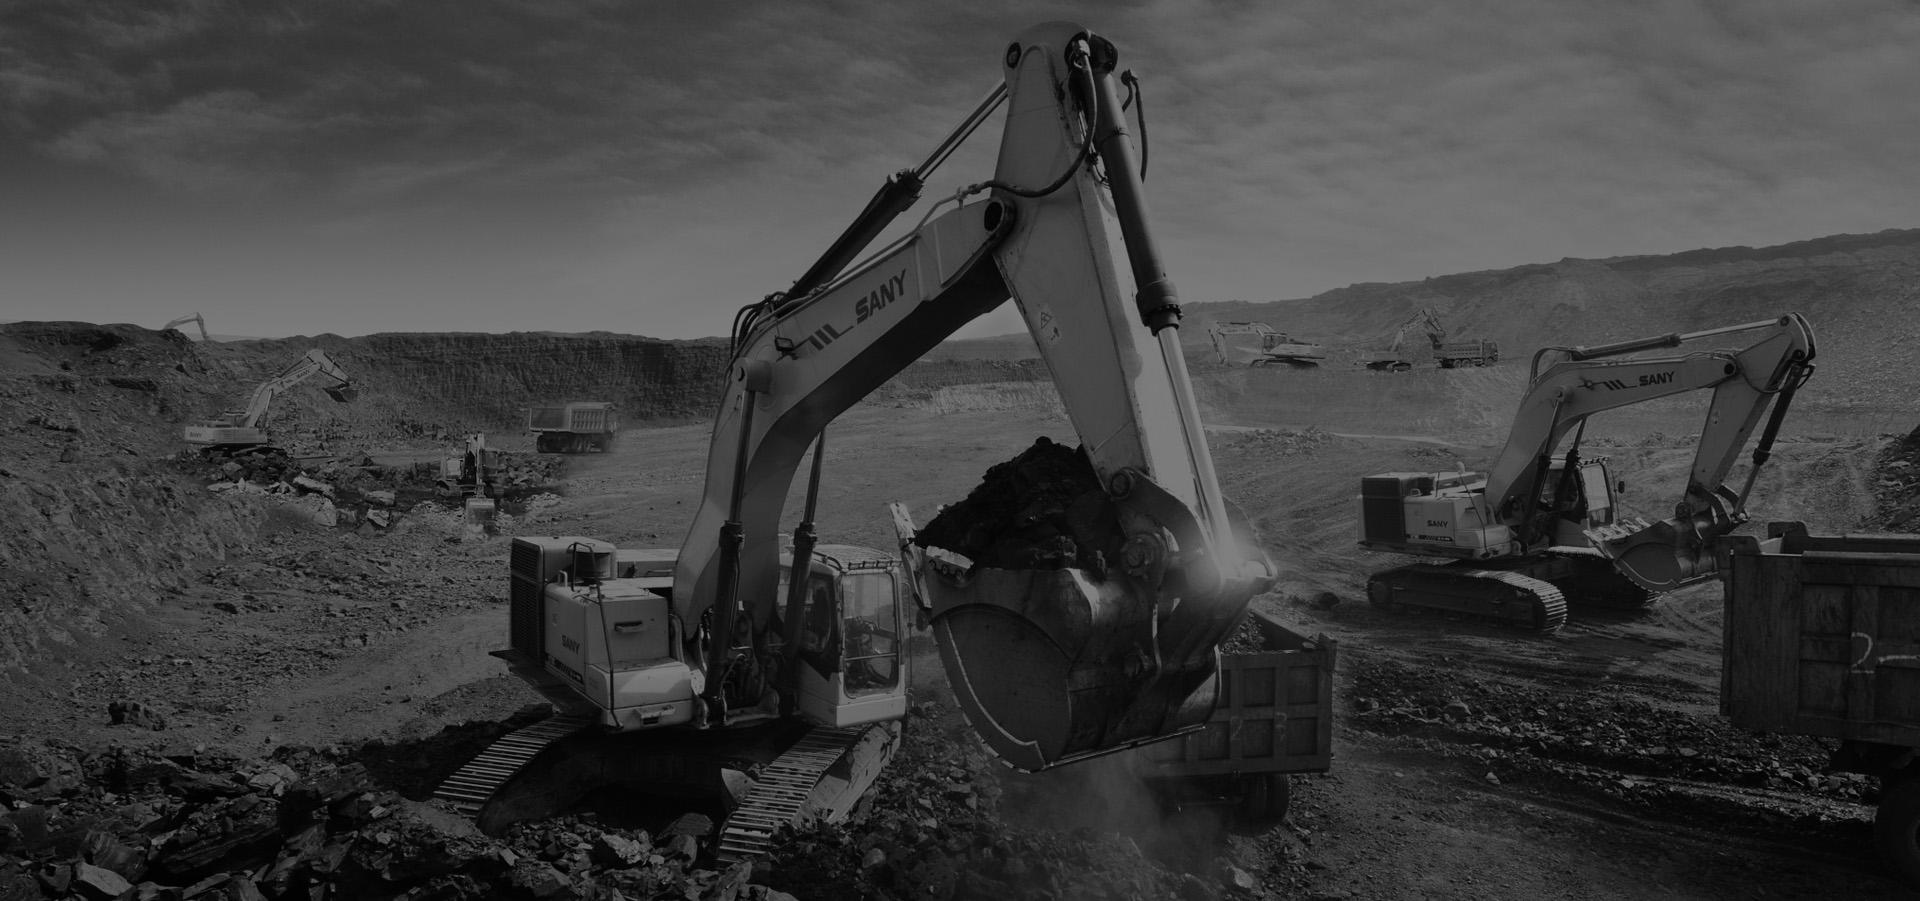 Reparación y venta de maquinaria<br> de obra pública